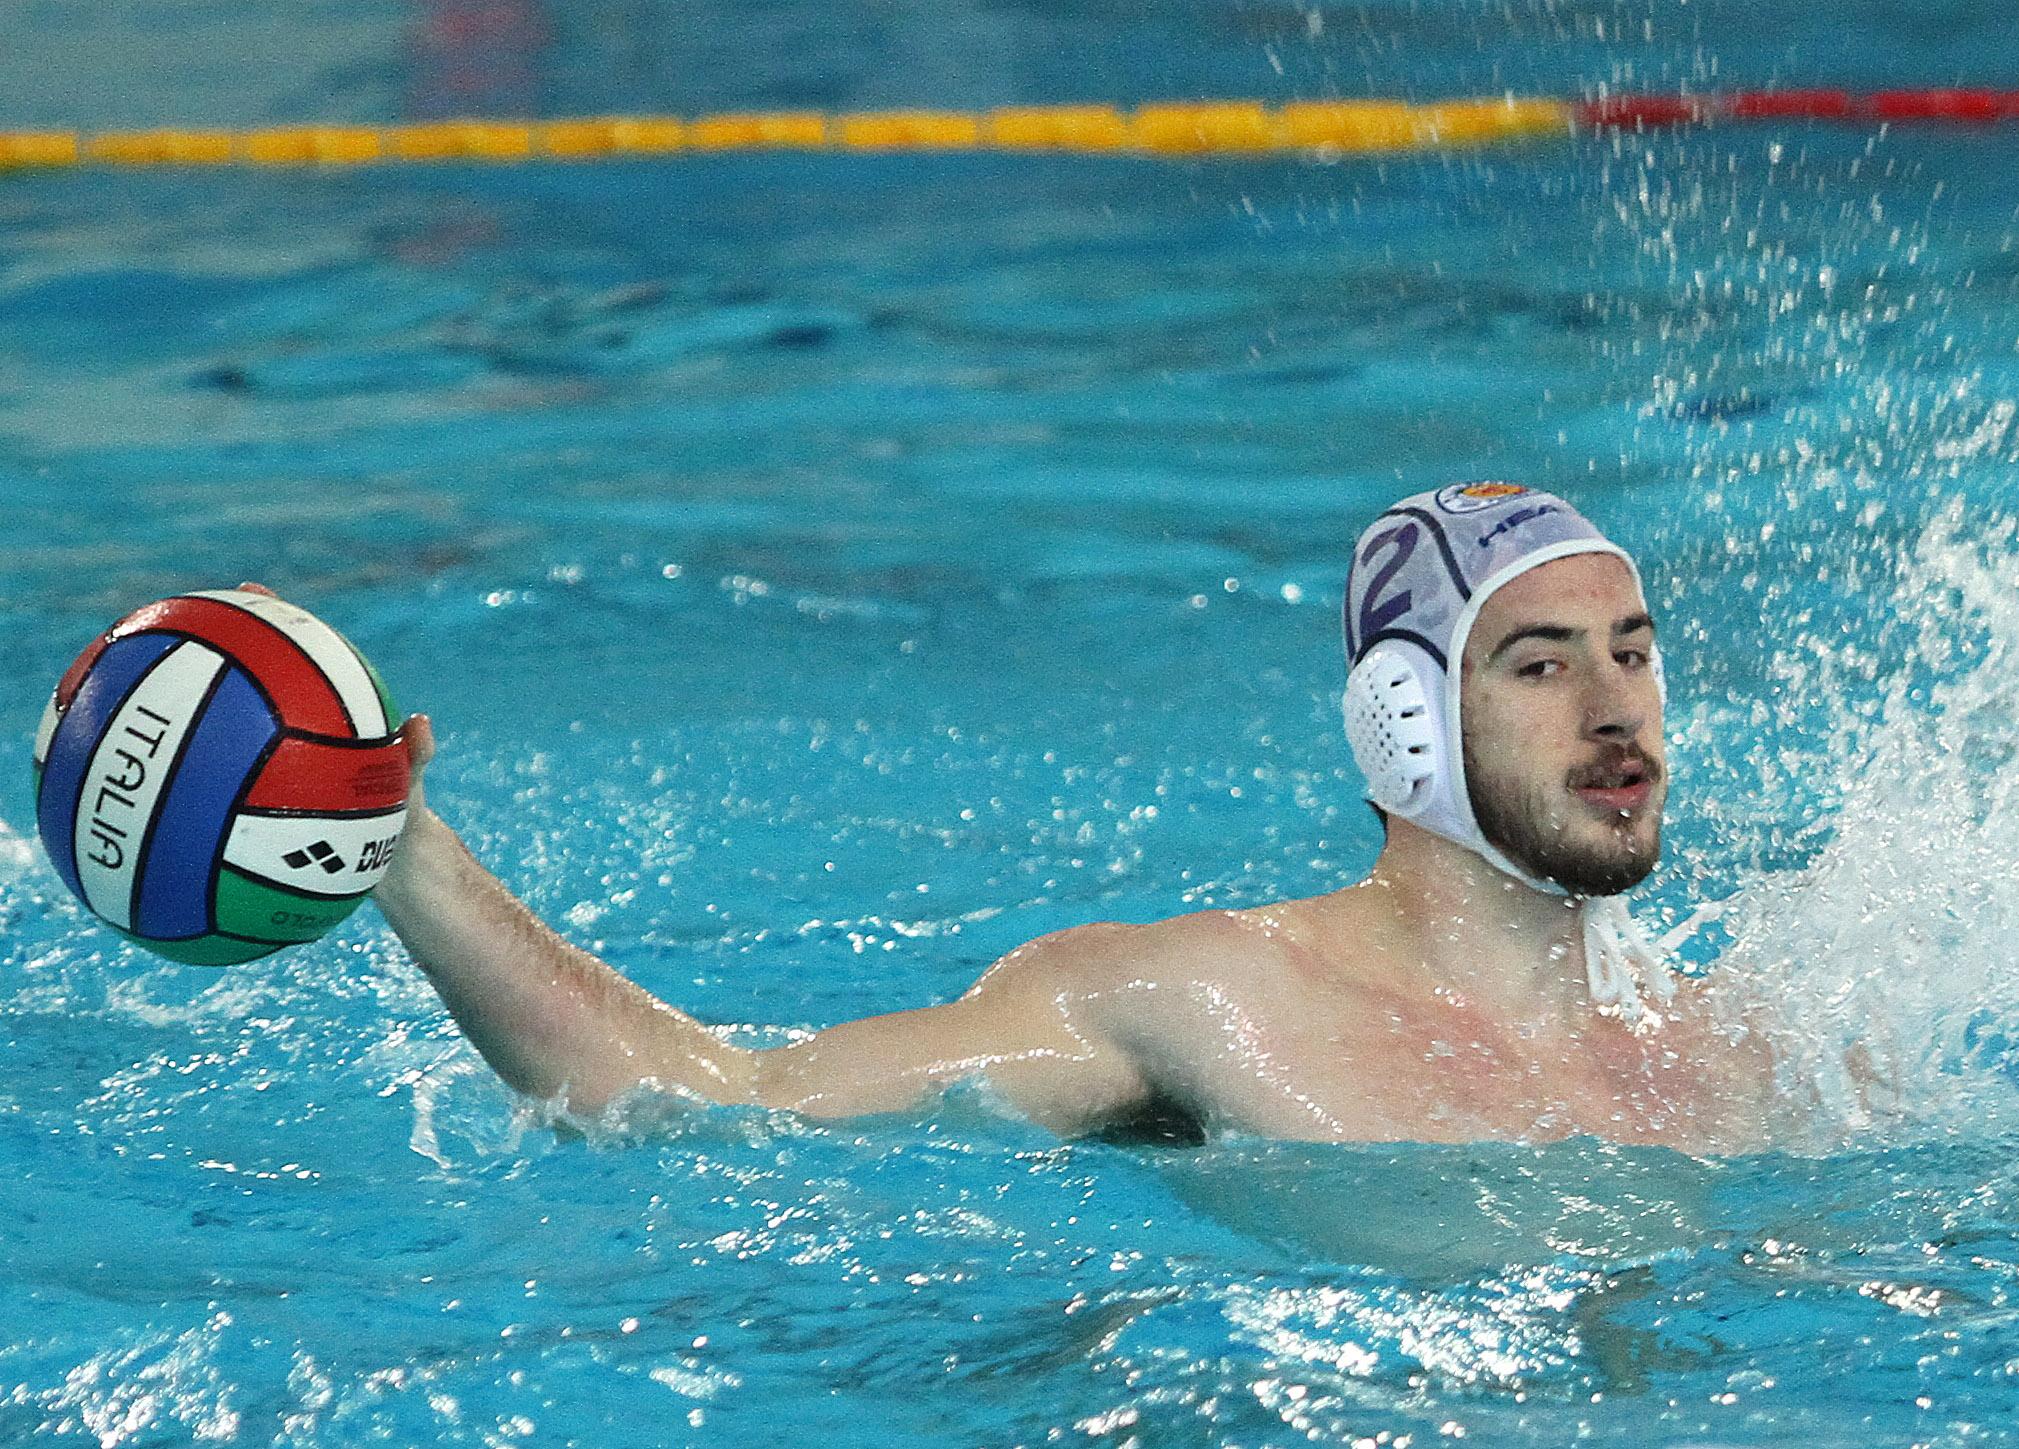 """La Pallanuoto Trieste cade anche in Liguria. Nella piscina di Albaro vince il Quinto (7-6). Stefano Piccardo: """"Di nuovo troppi errori, sia in attacco, sia in difesa. E' un momento difficile"""""""